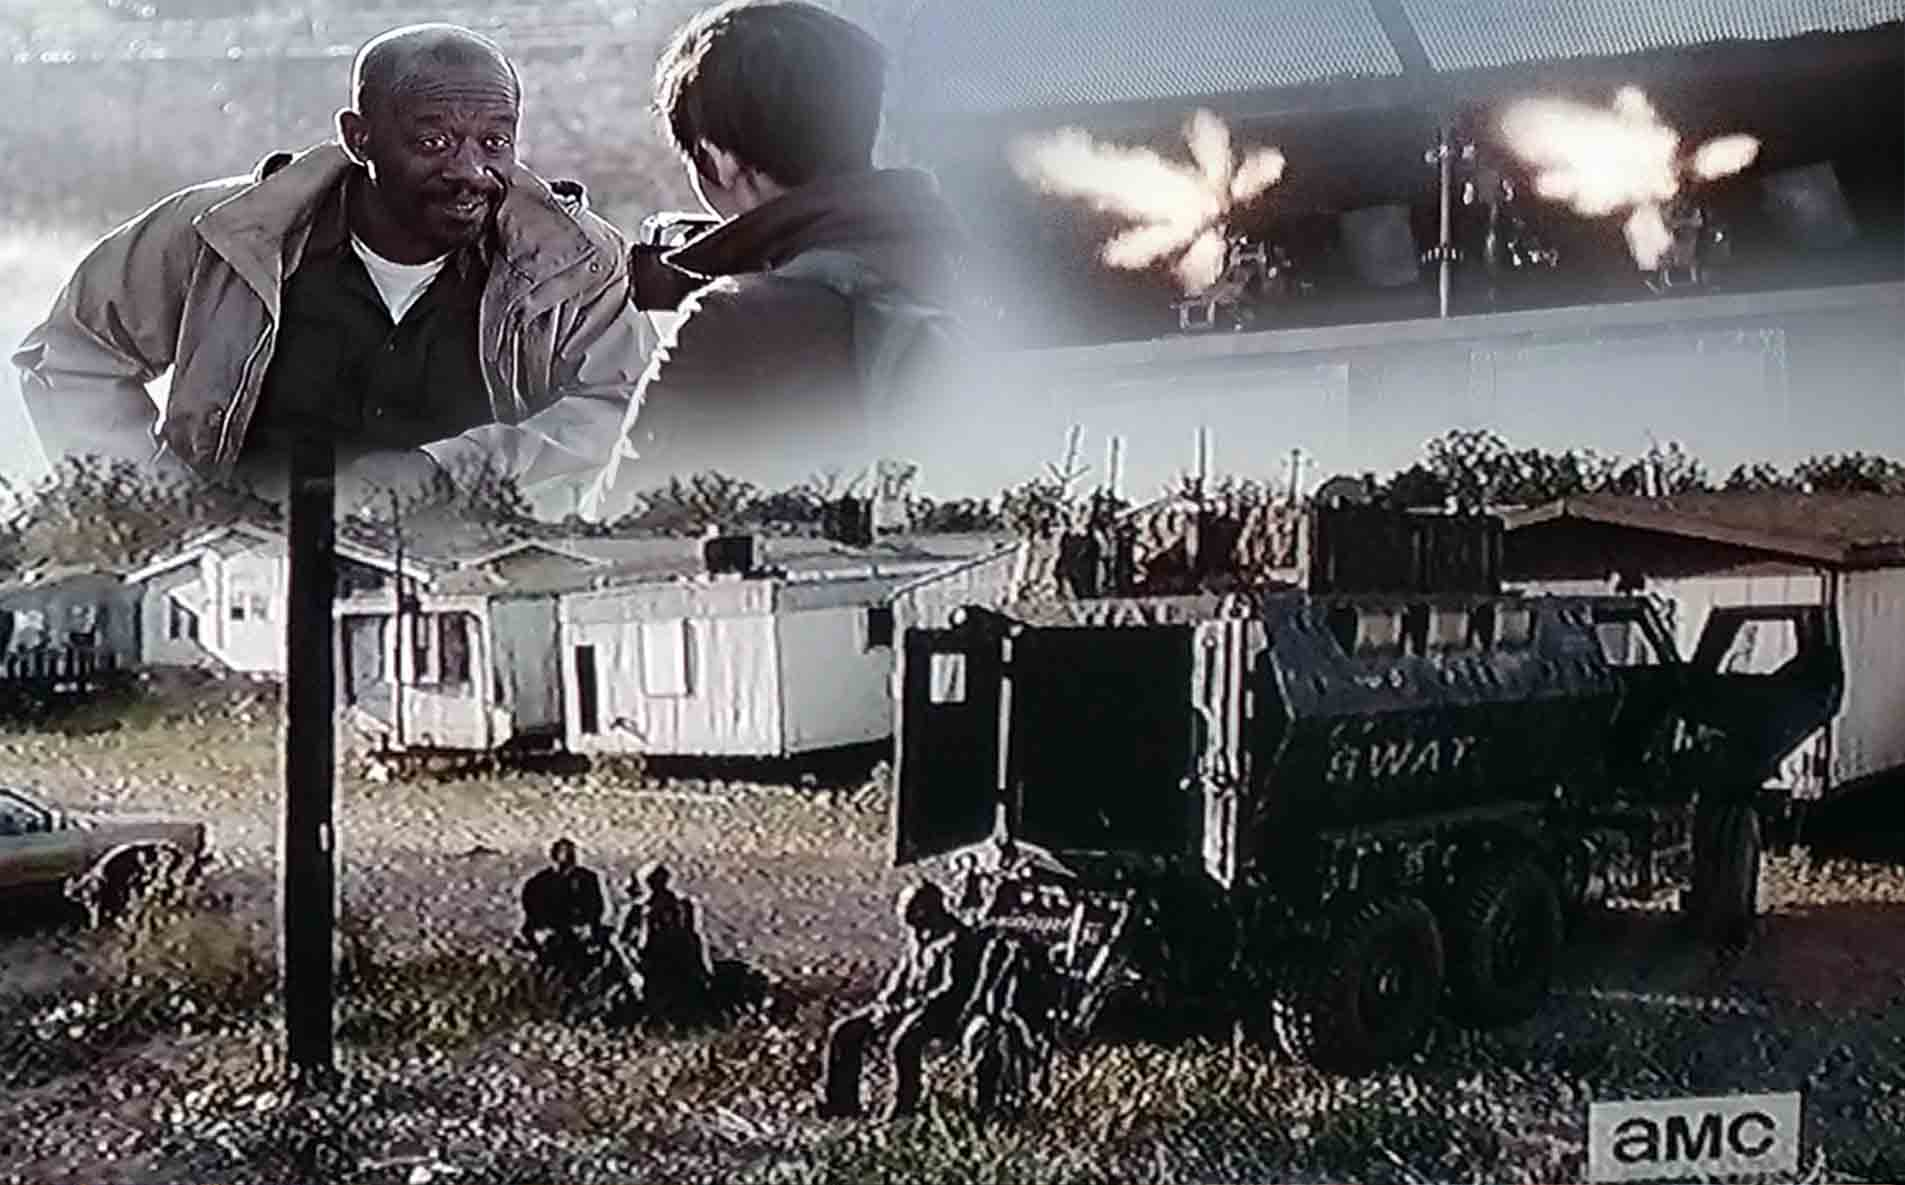 Fear the Walking Dead season 4 premiere packs a punch!